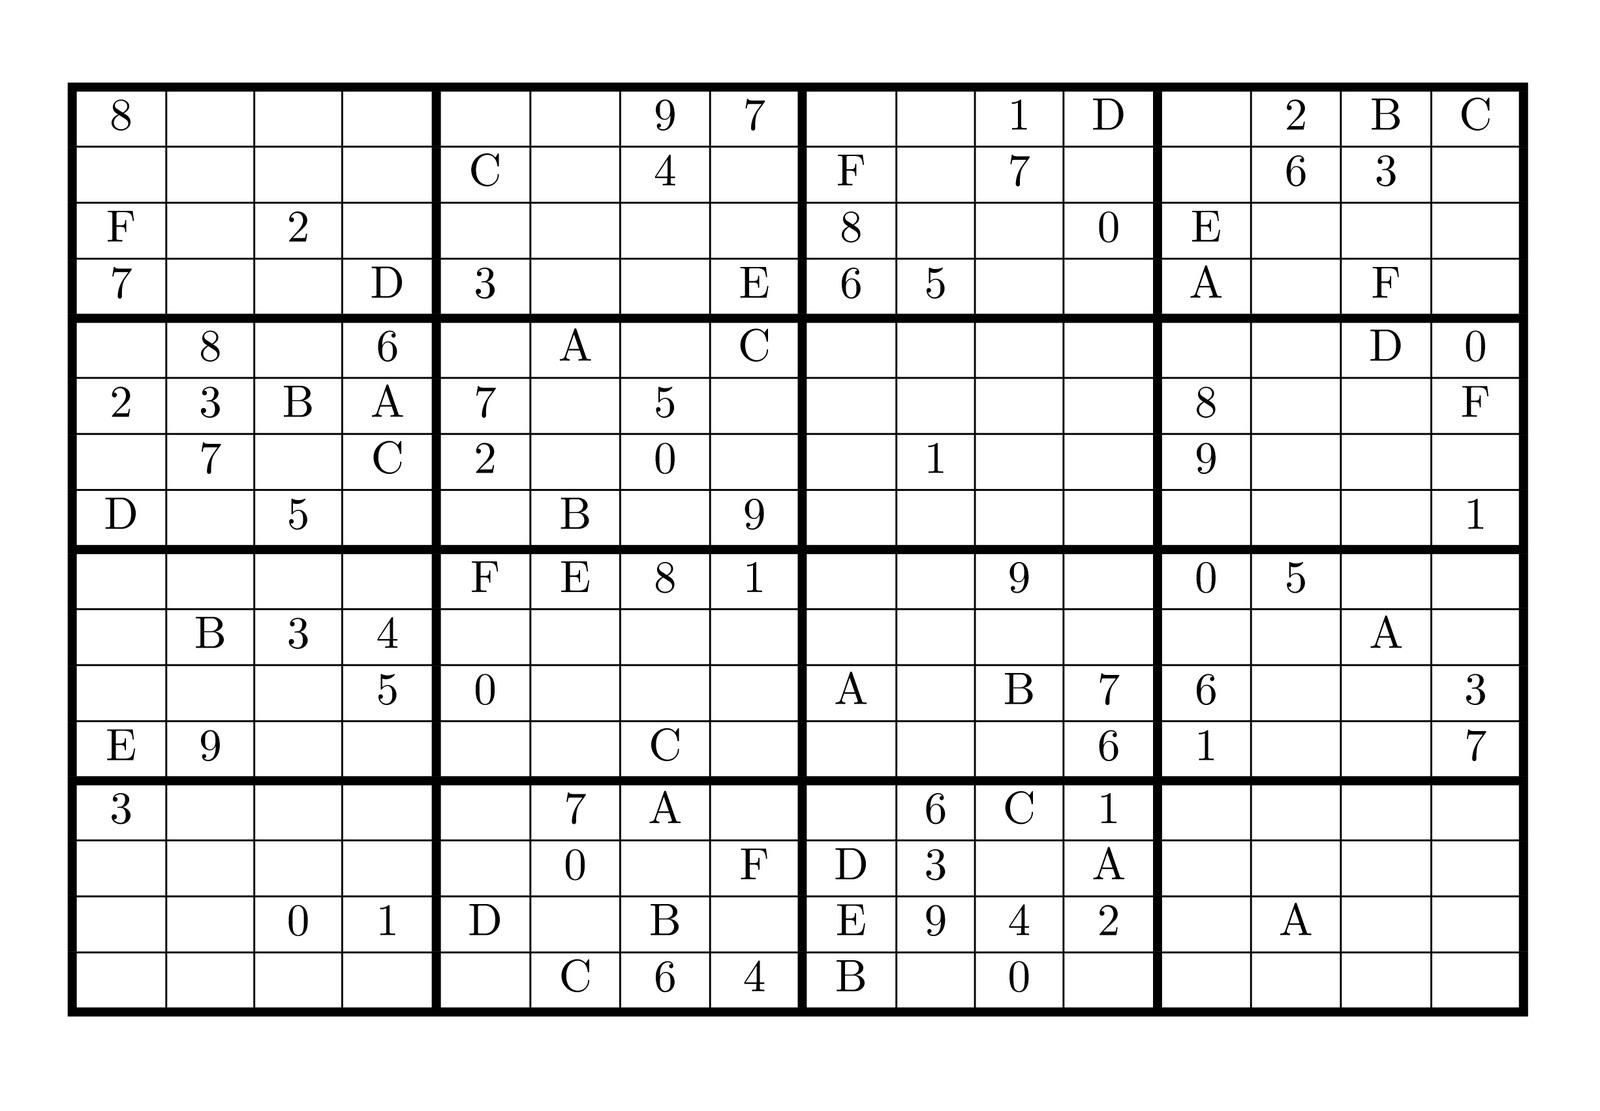 Printable Sudoku. Postedmatt At 0110 No Comments. A 2525